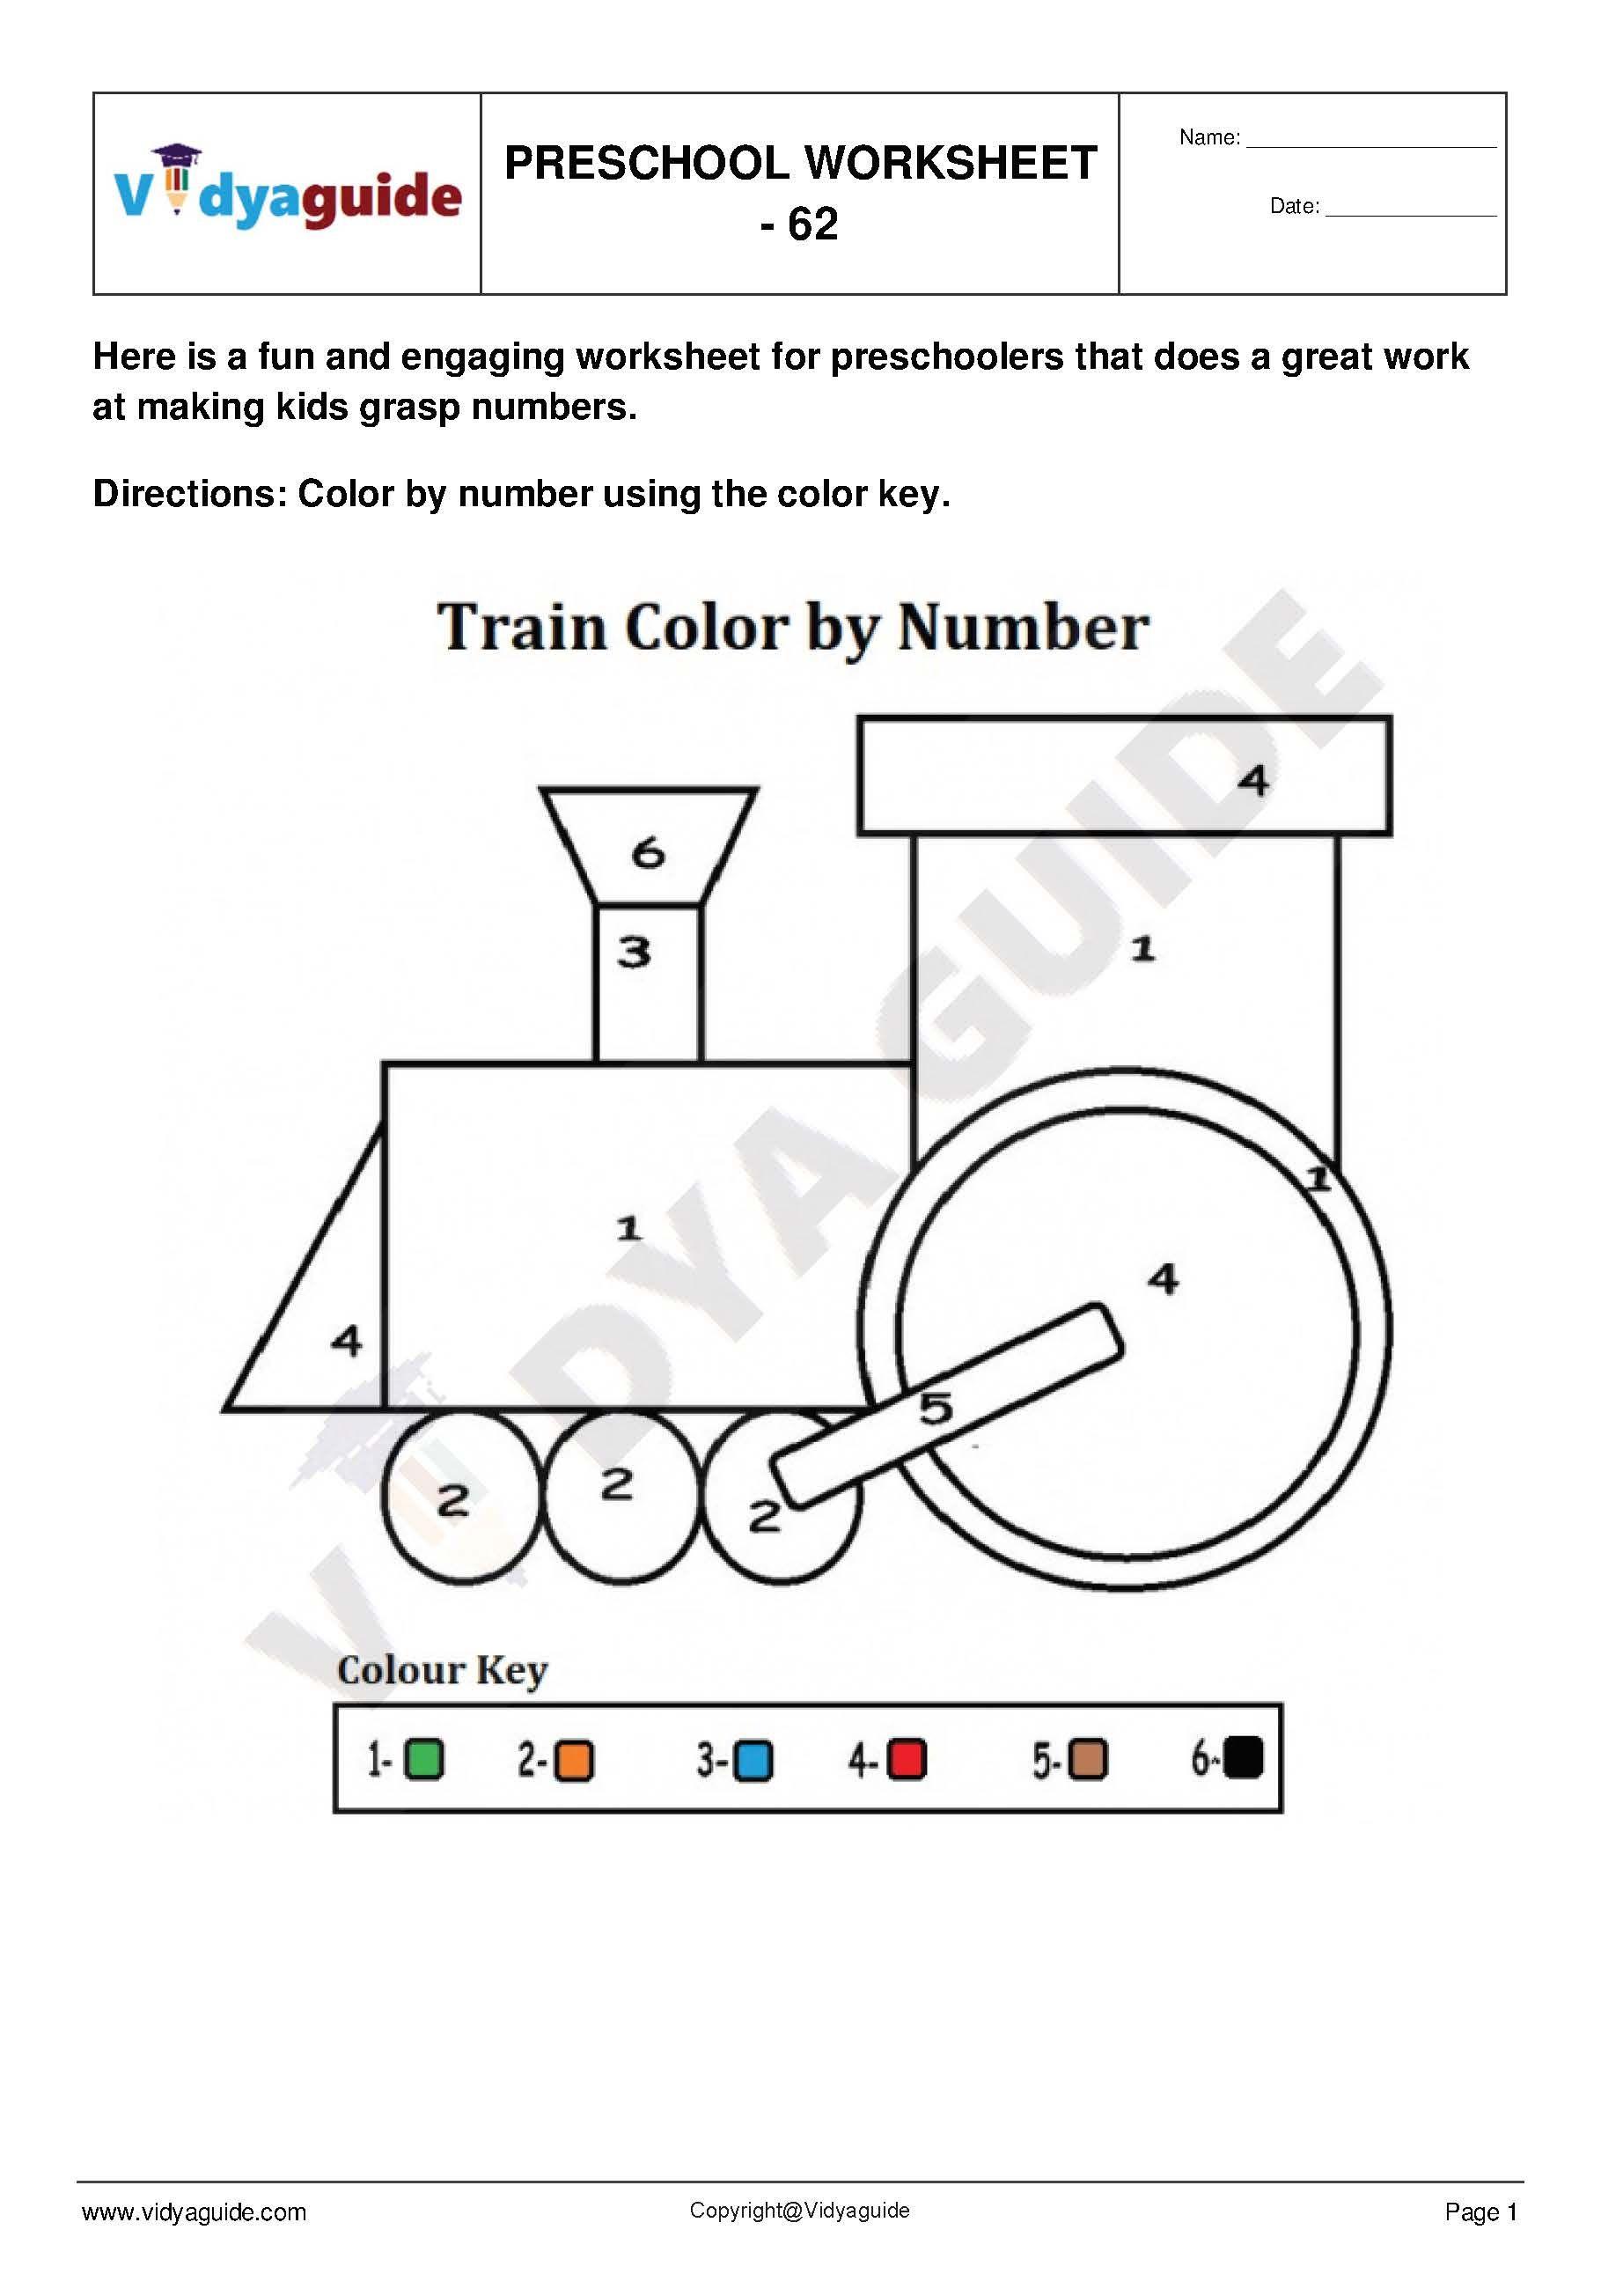 Preschool Worksheet   Set 12. Download 5 PDF printable ...